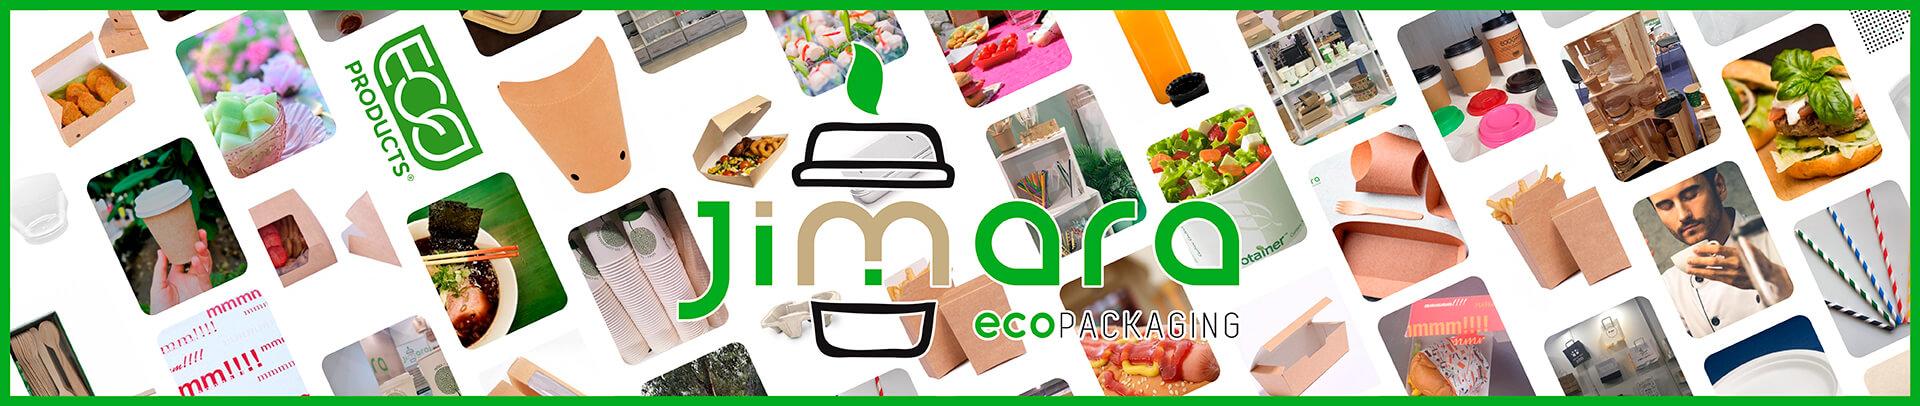 Jimara Packaging Ecopackaging